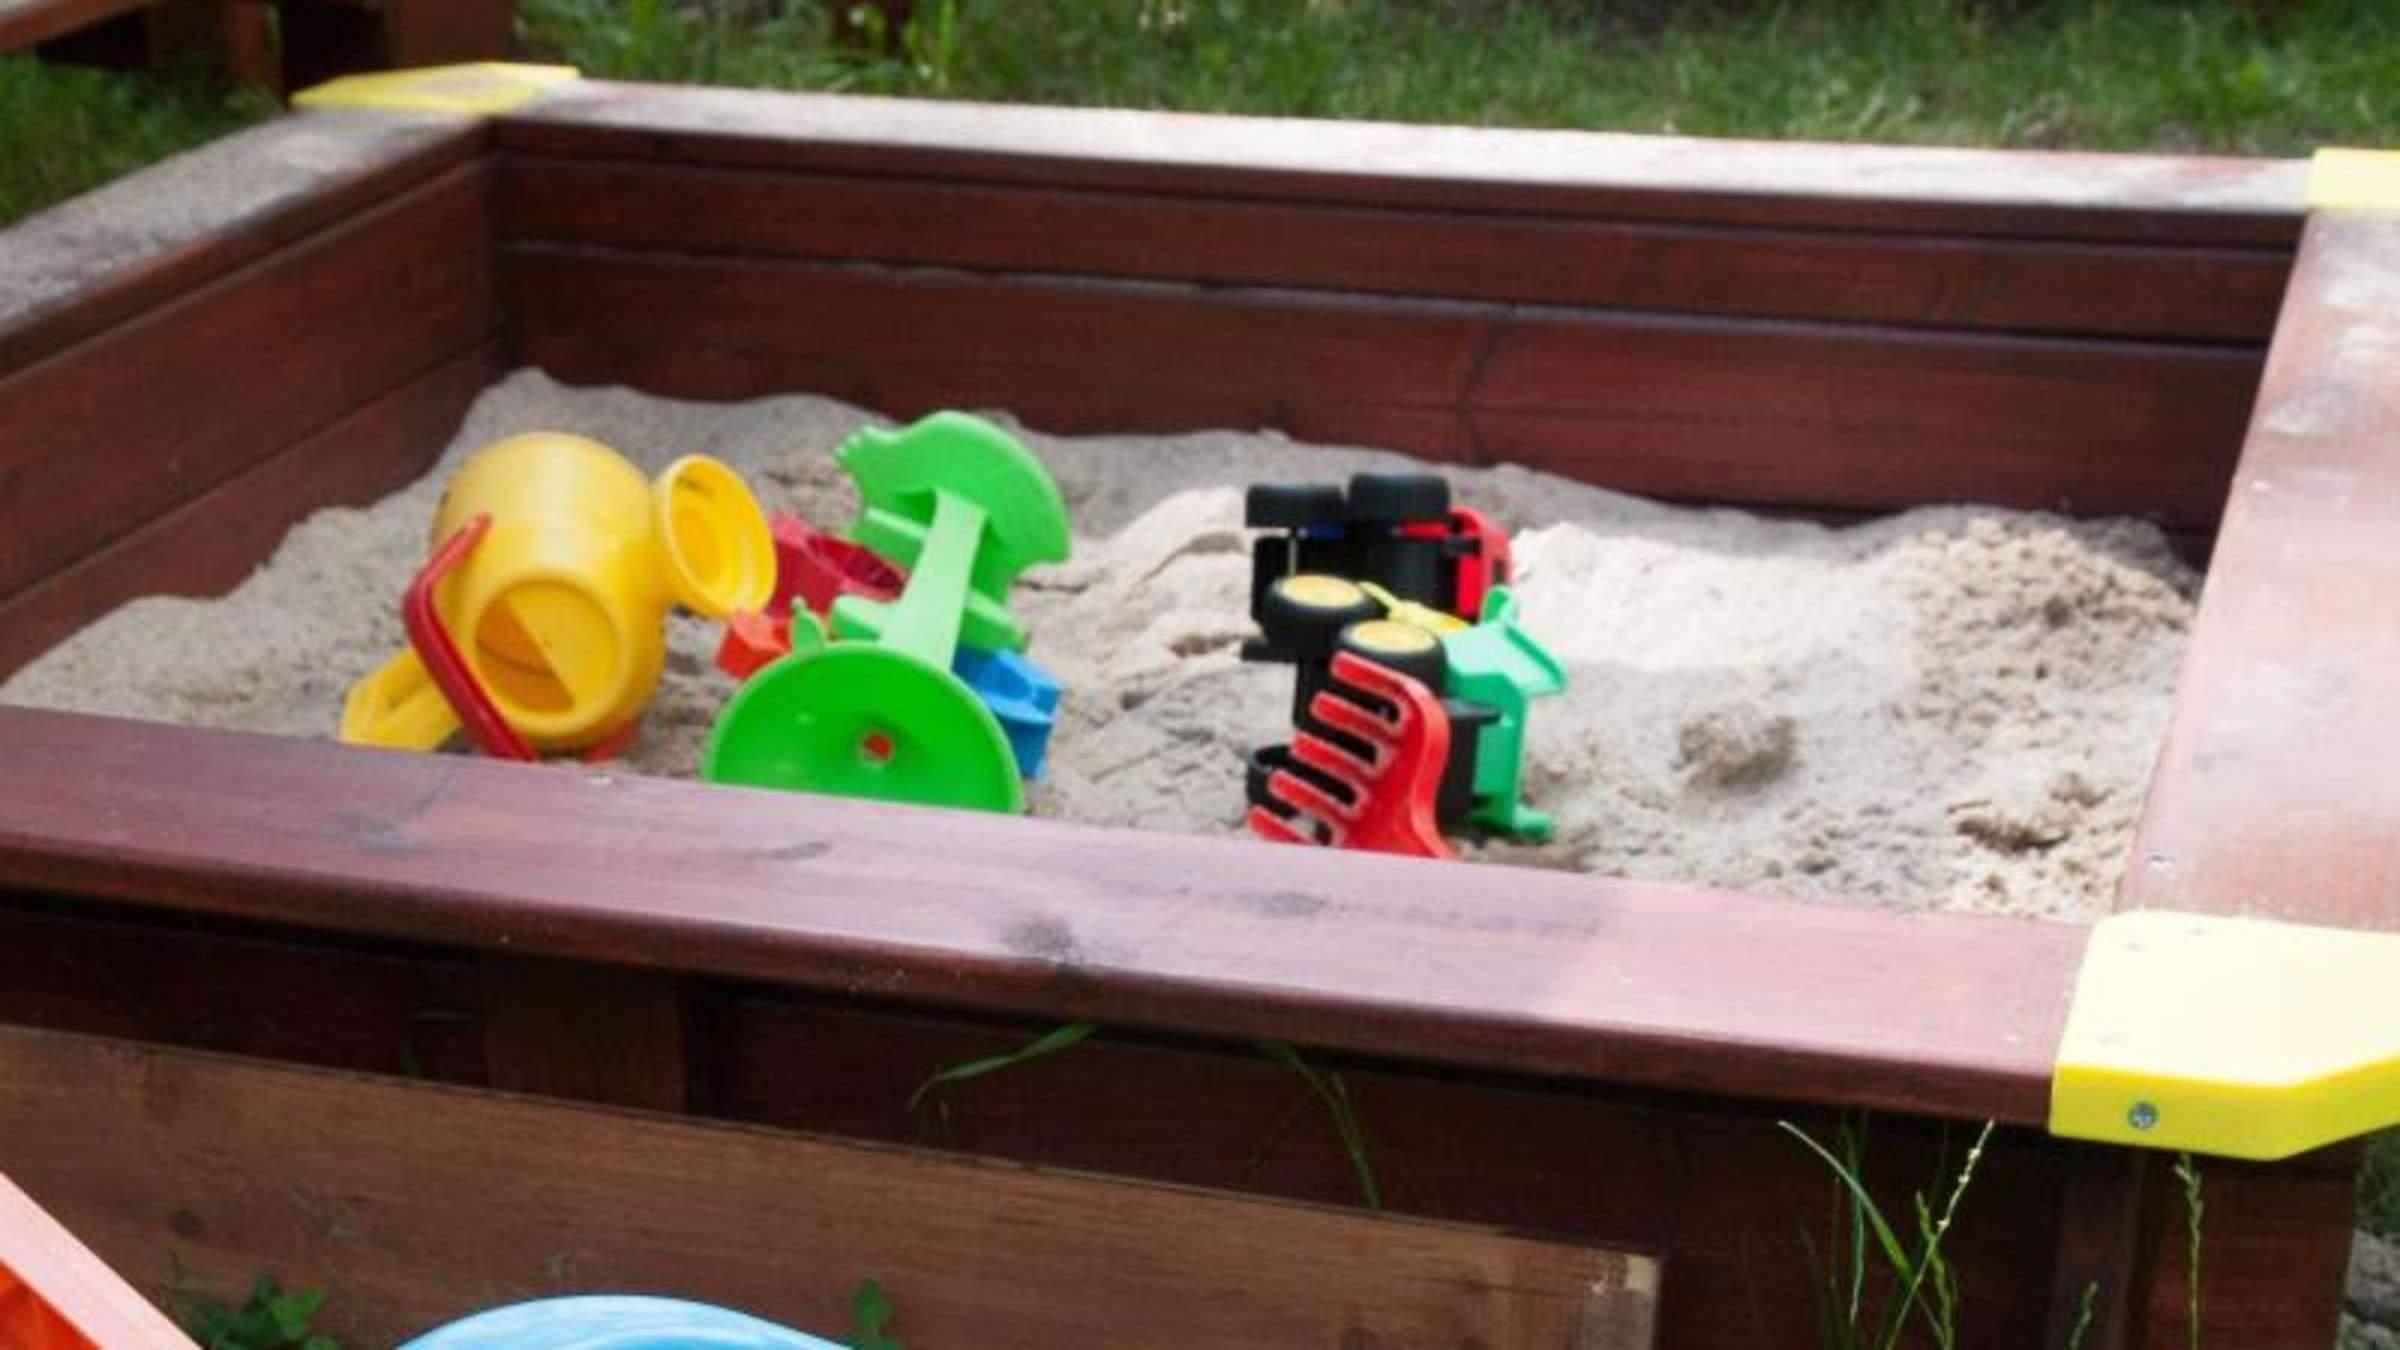 Spielgeräte Garten Reizend Spielgeräte Im Garten Eines Mietshauses Nicht Immer Erlaubt